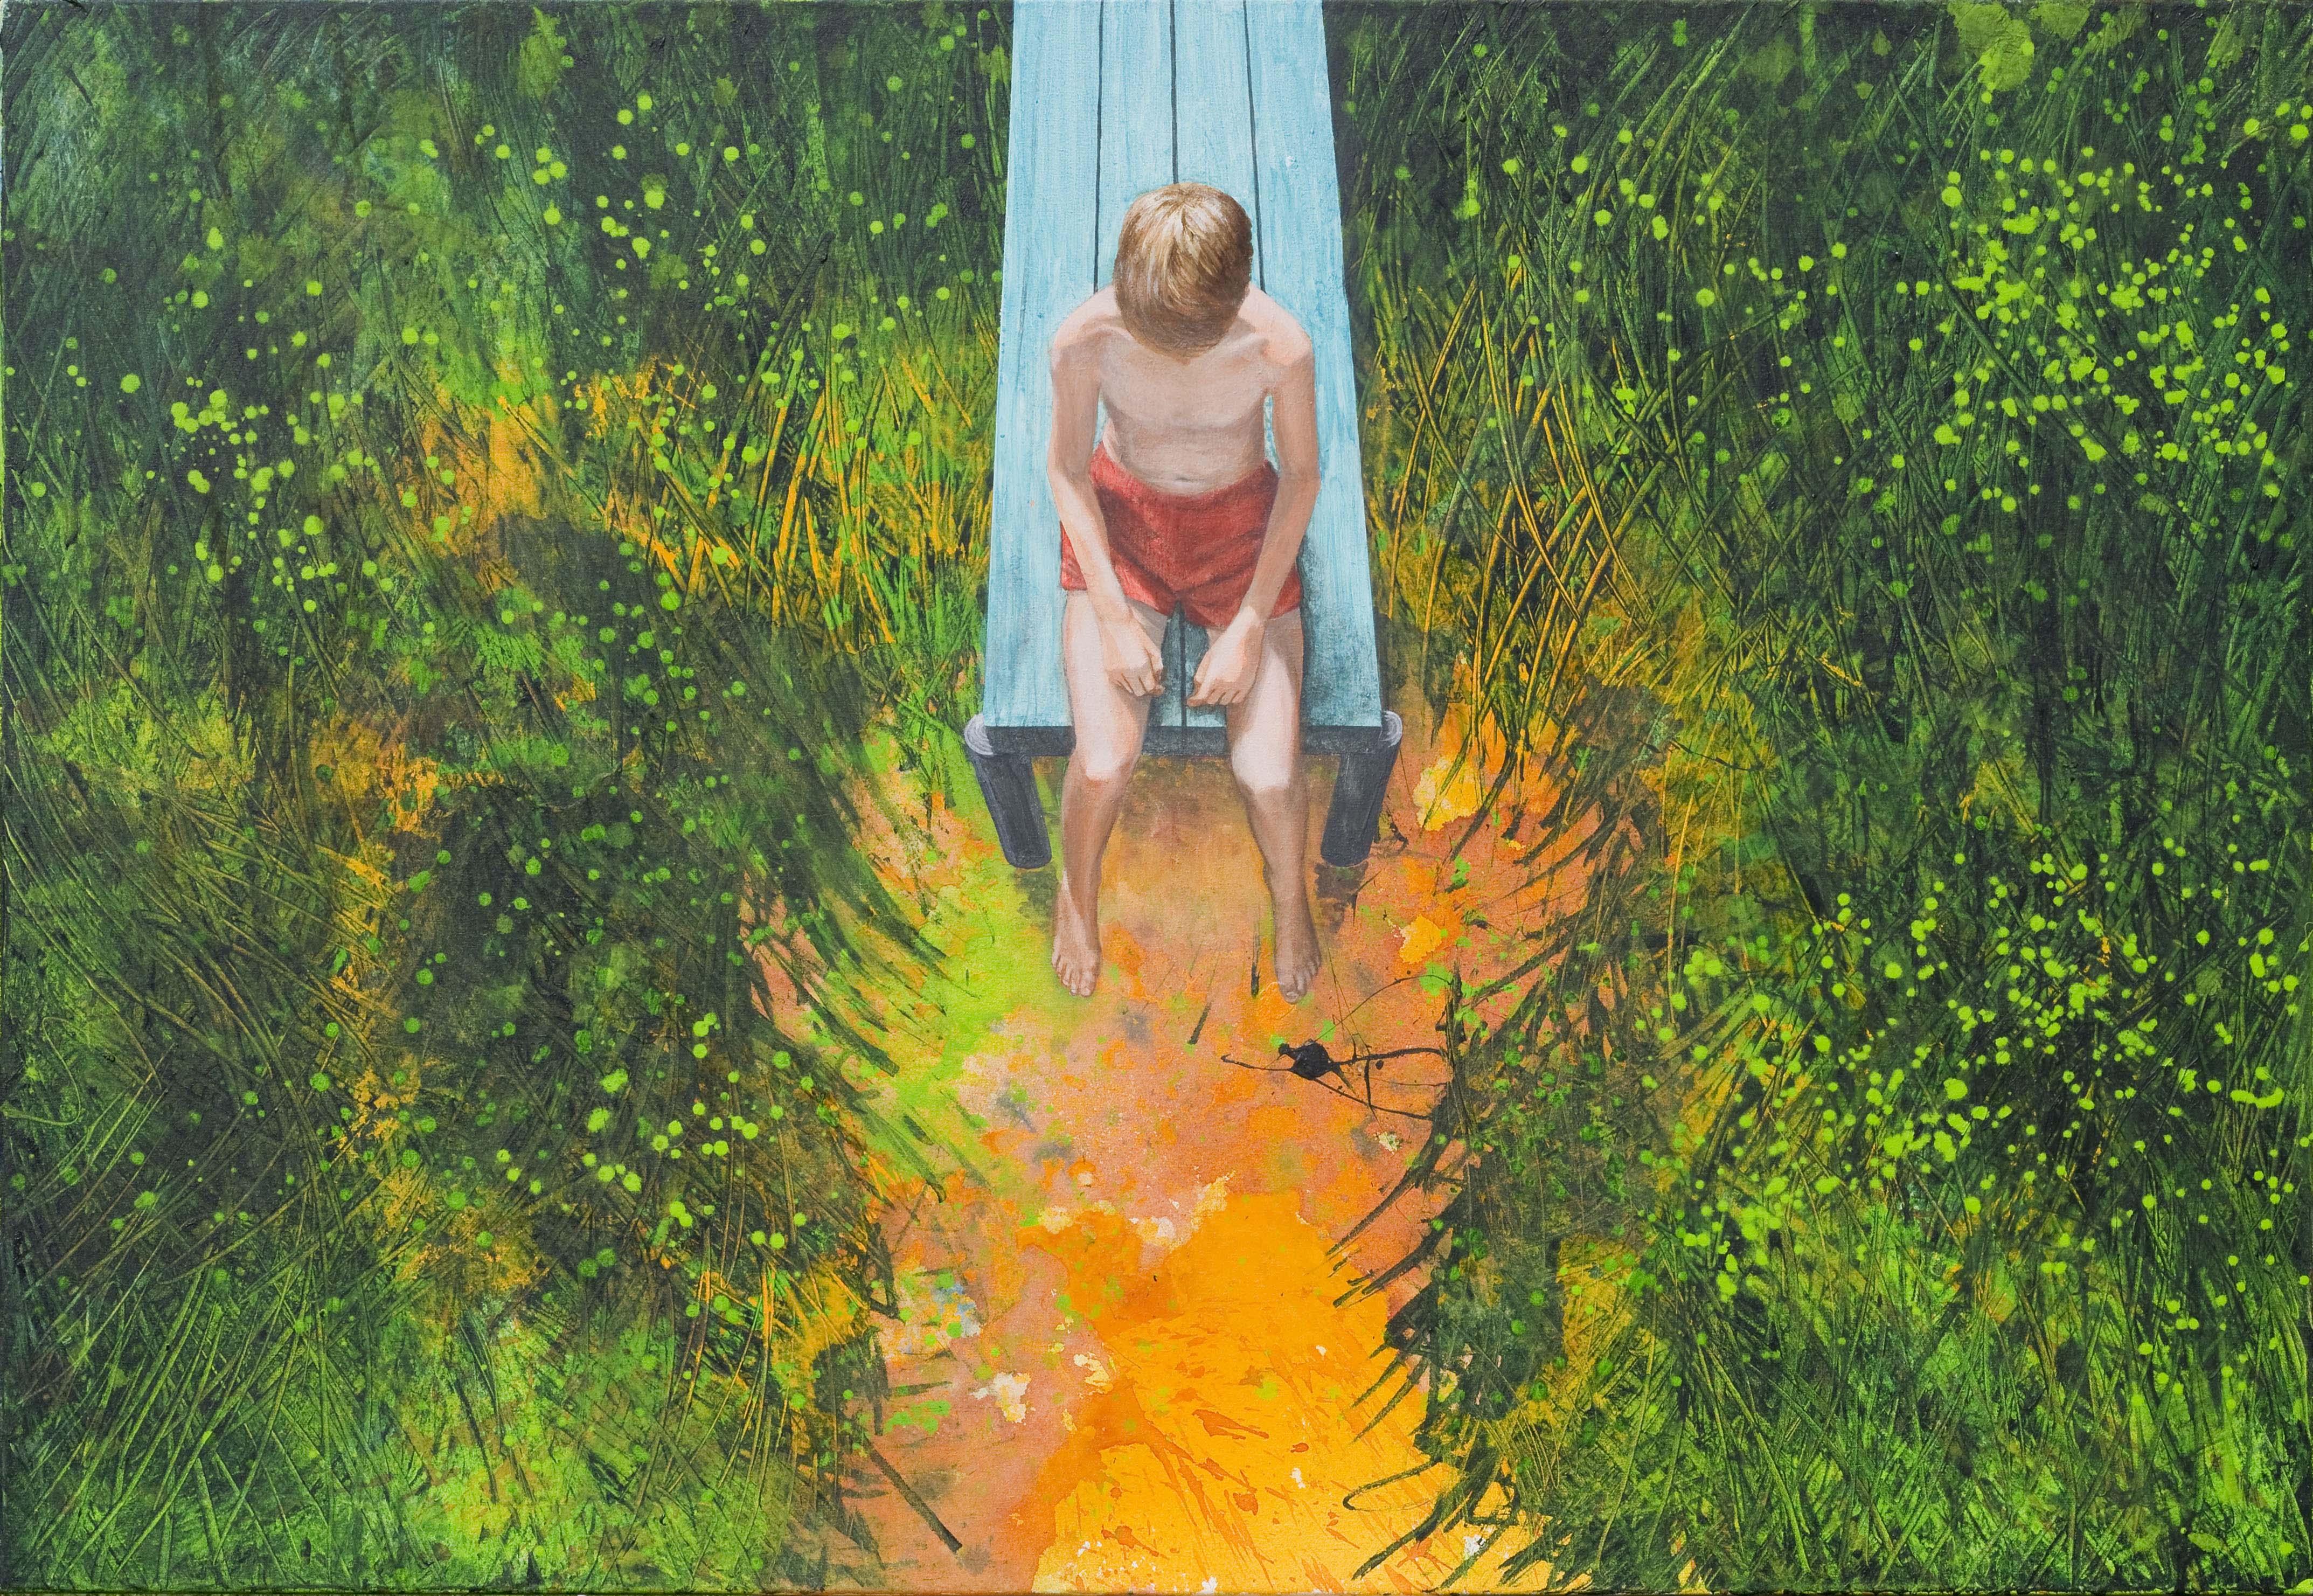 Gerhard Knell Landschaftsvisionen Landschaft Malerei Kunst Gemälde Acryl figürlich realistisch Großformatige Acrylmalerei Editionen Fine Art Prints grün orange Steg Junge Badehose